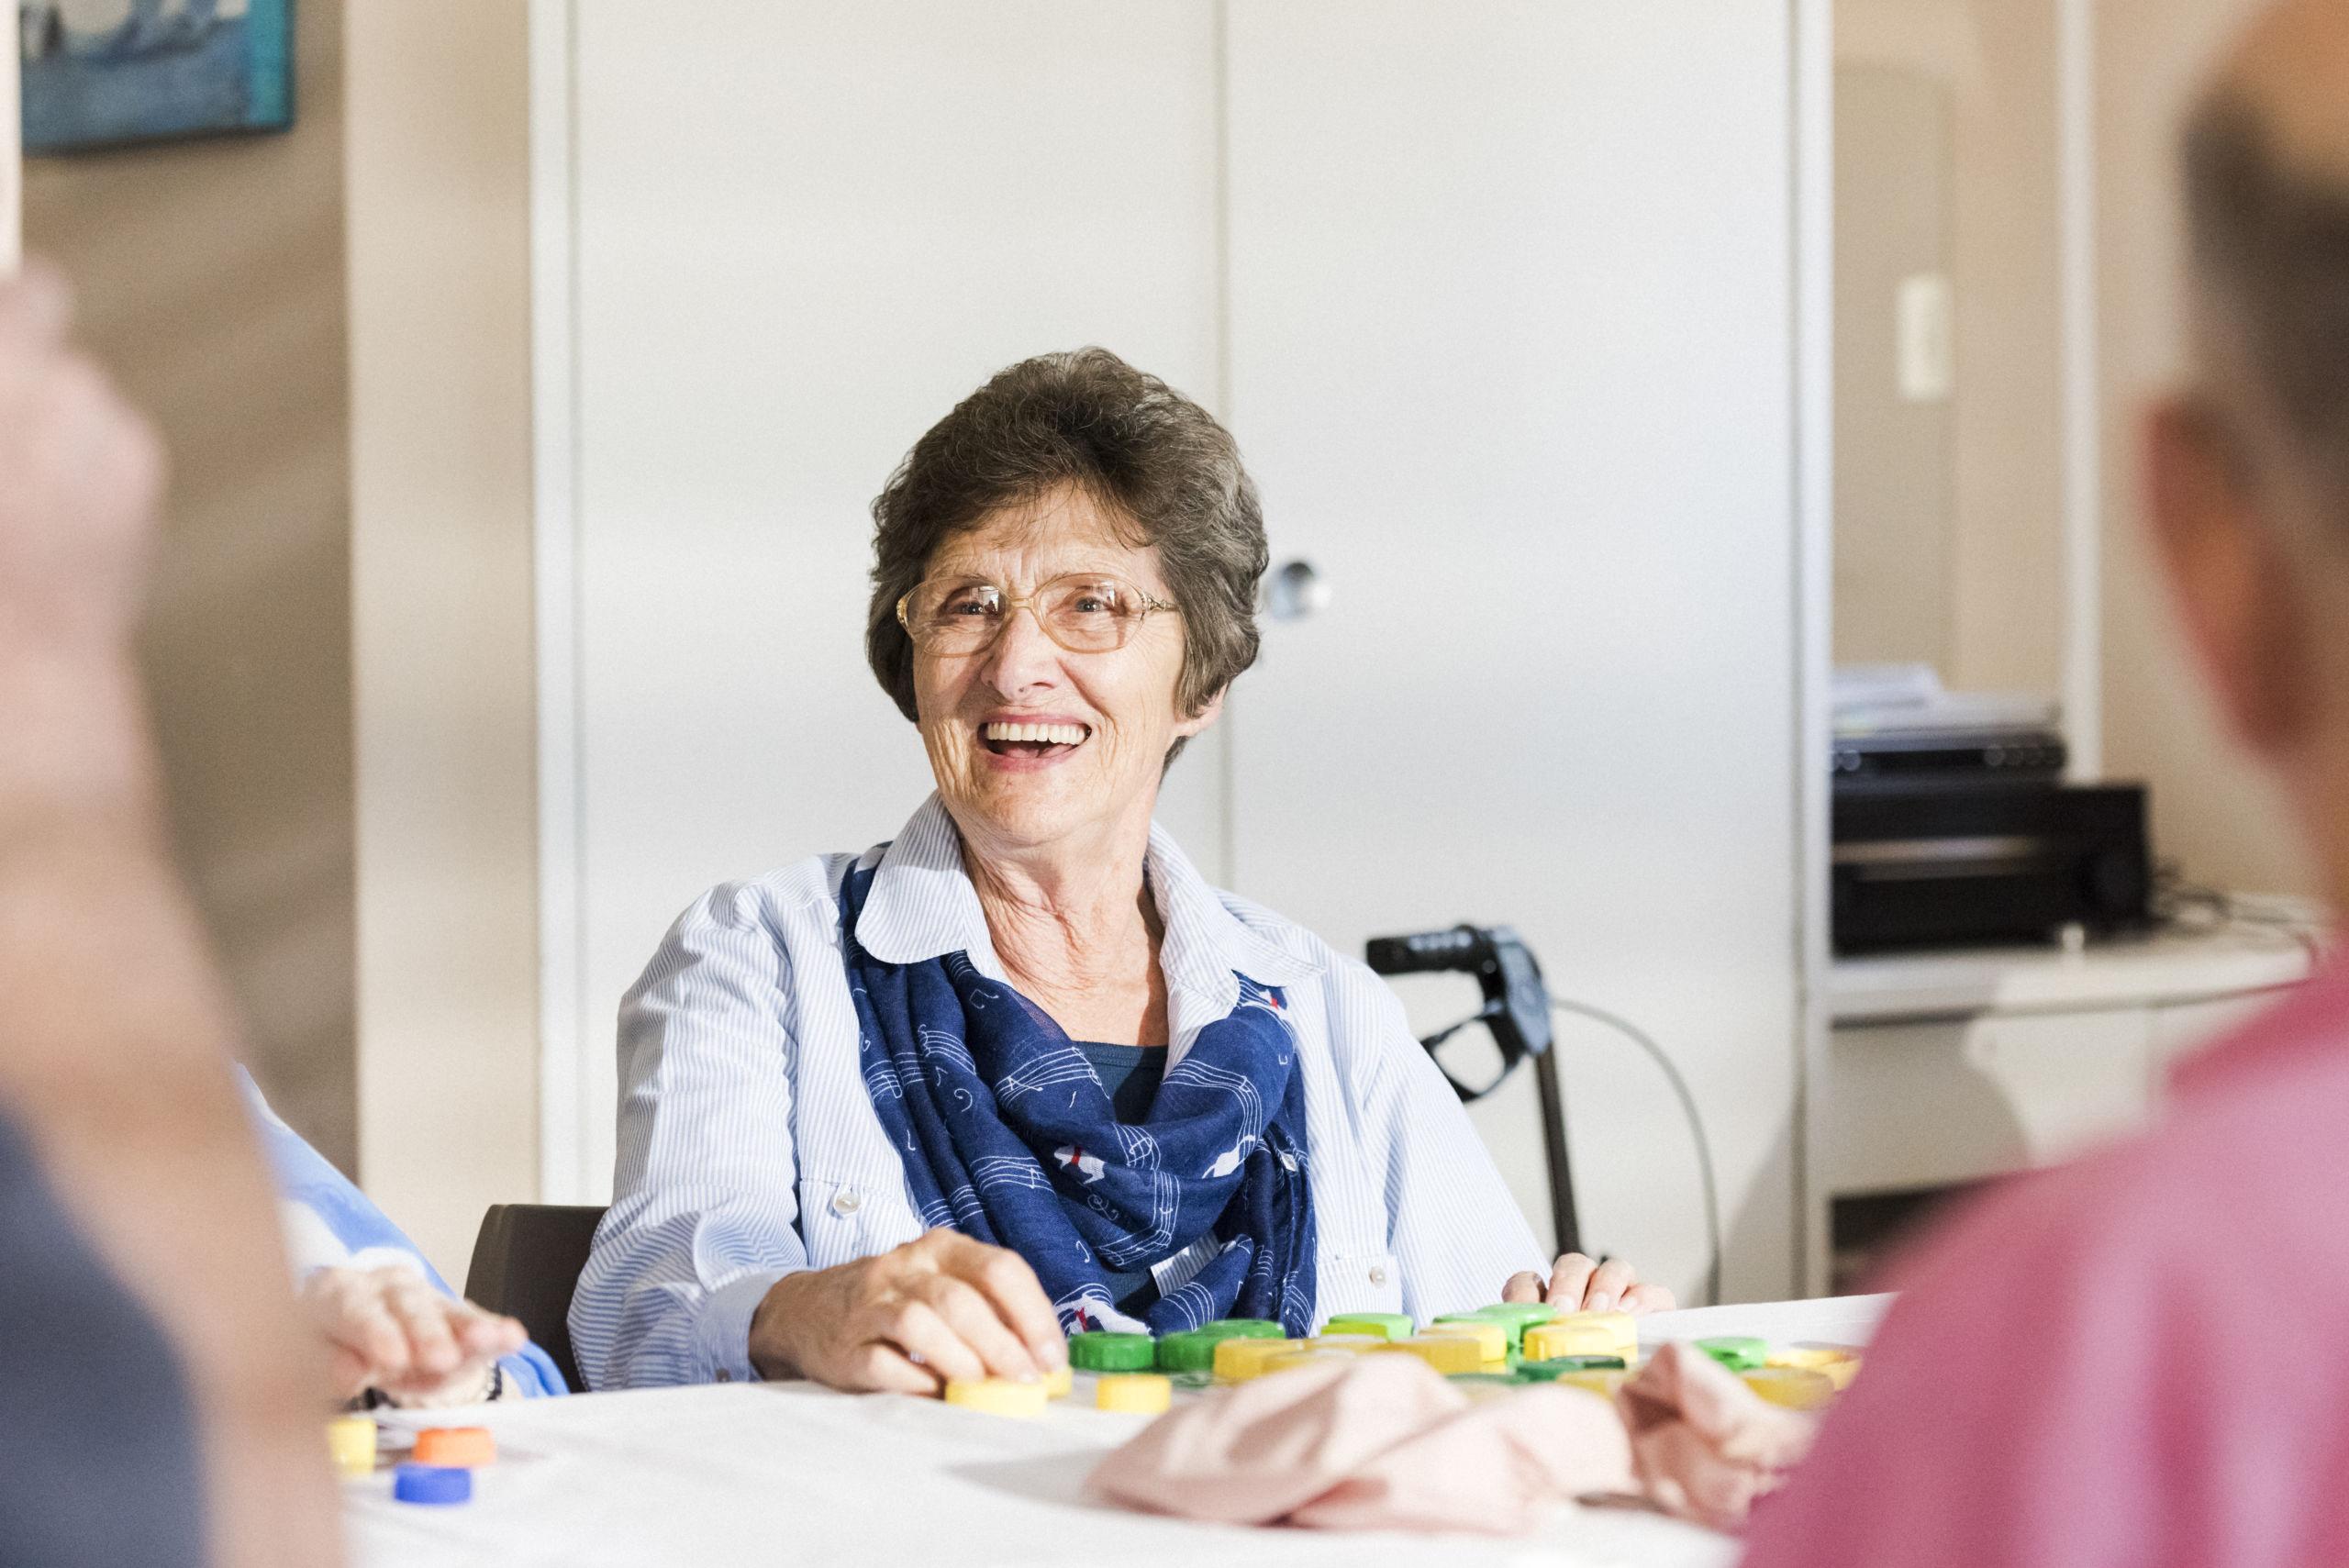 Oudere vrouw met dementie lacht tijdens een leuke activiteit bij Hesti a Zorgs